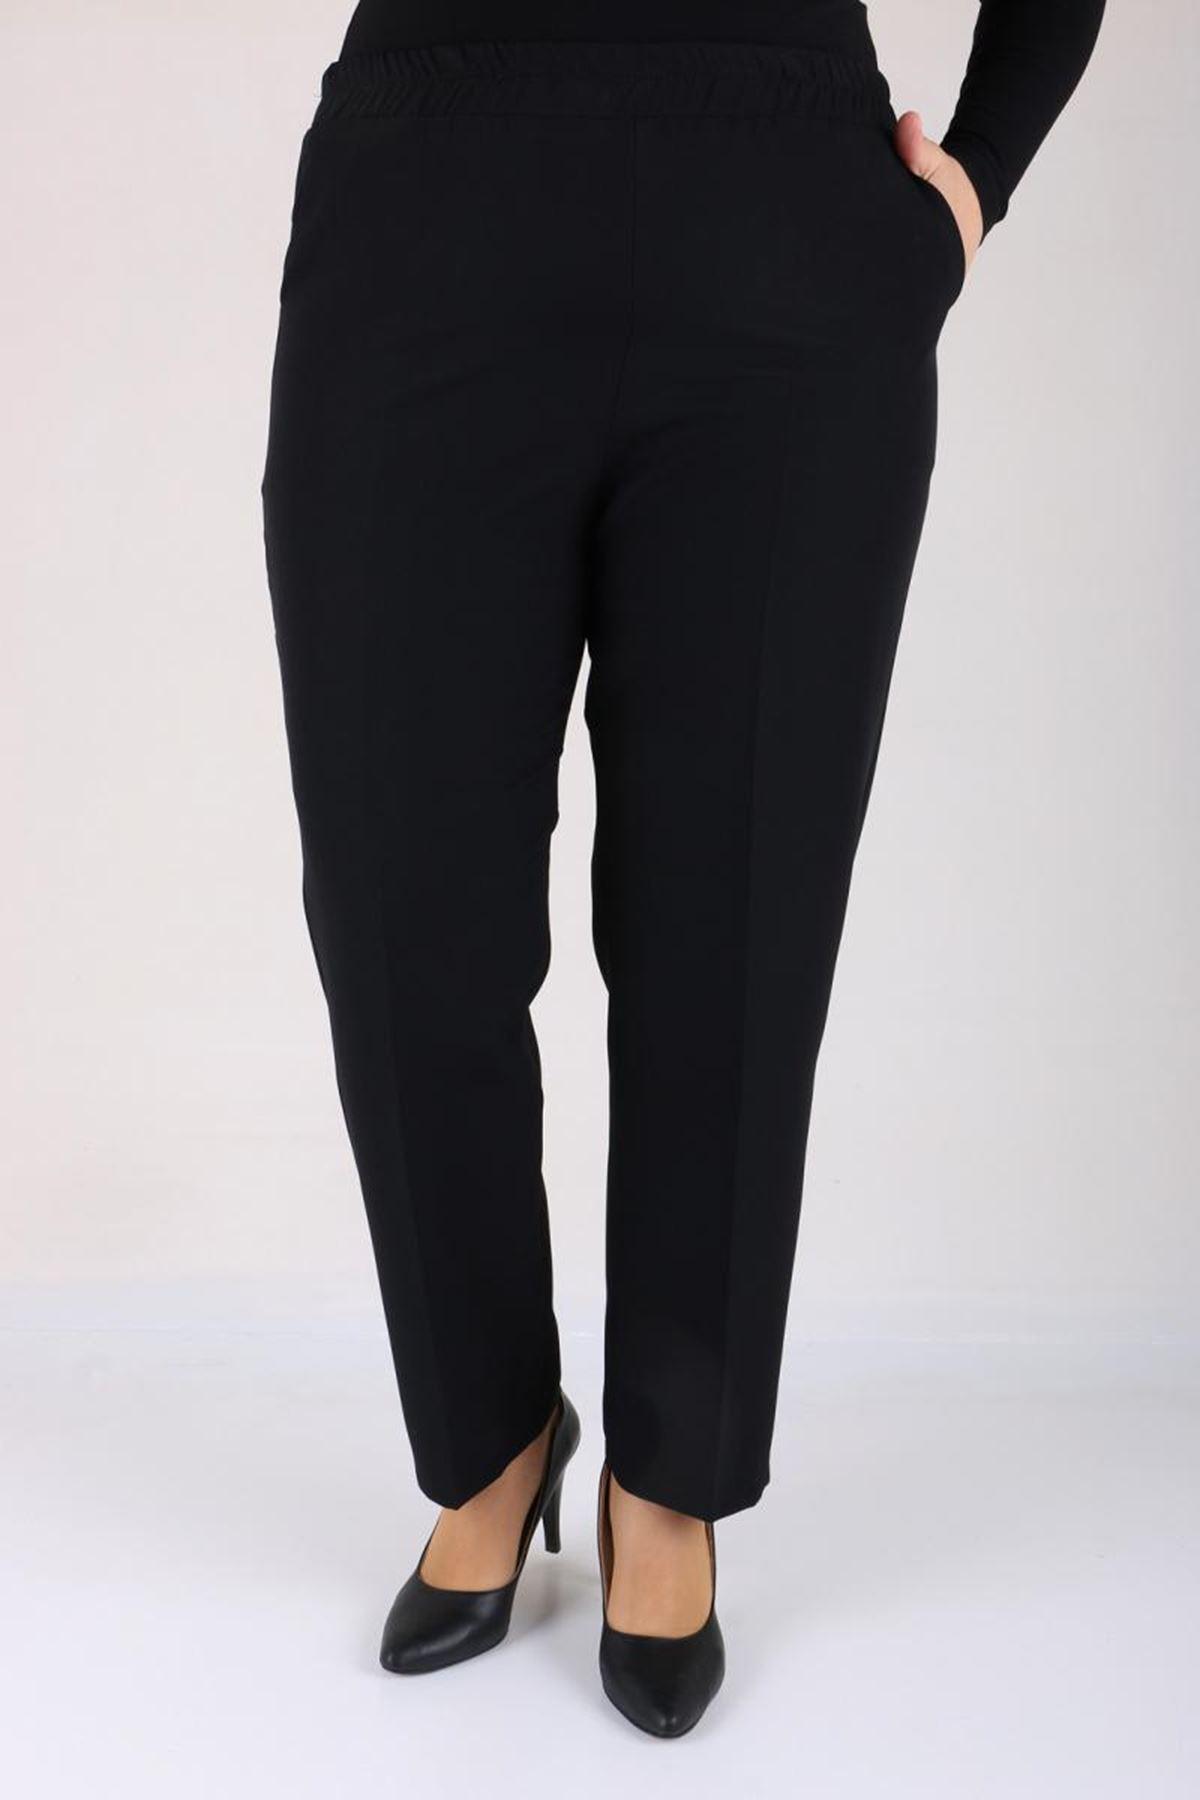 D-9025-4 Büyük Beden Beli Lastikli Boru Paça Defolu Pantolon - Siyah